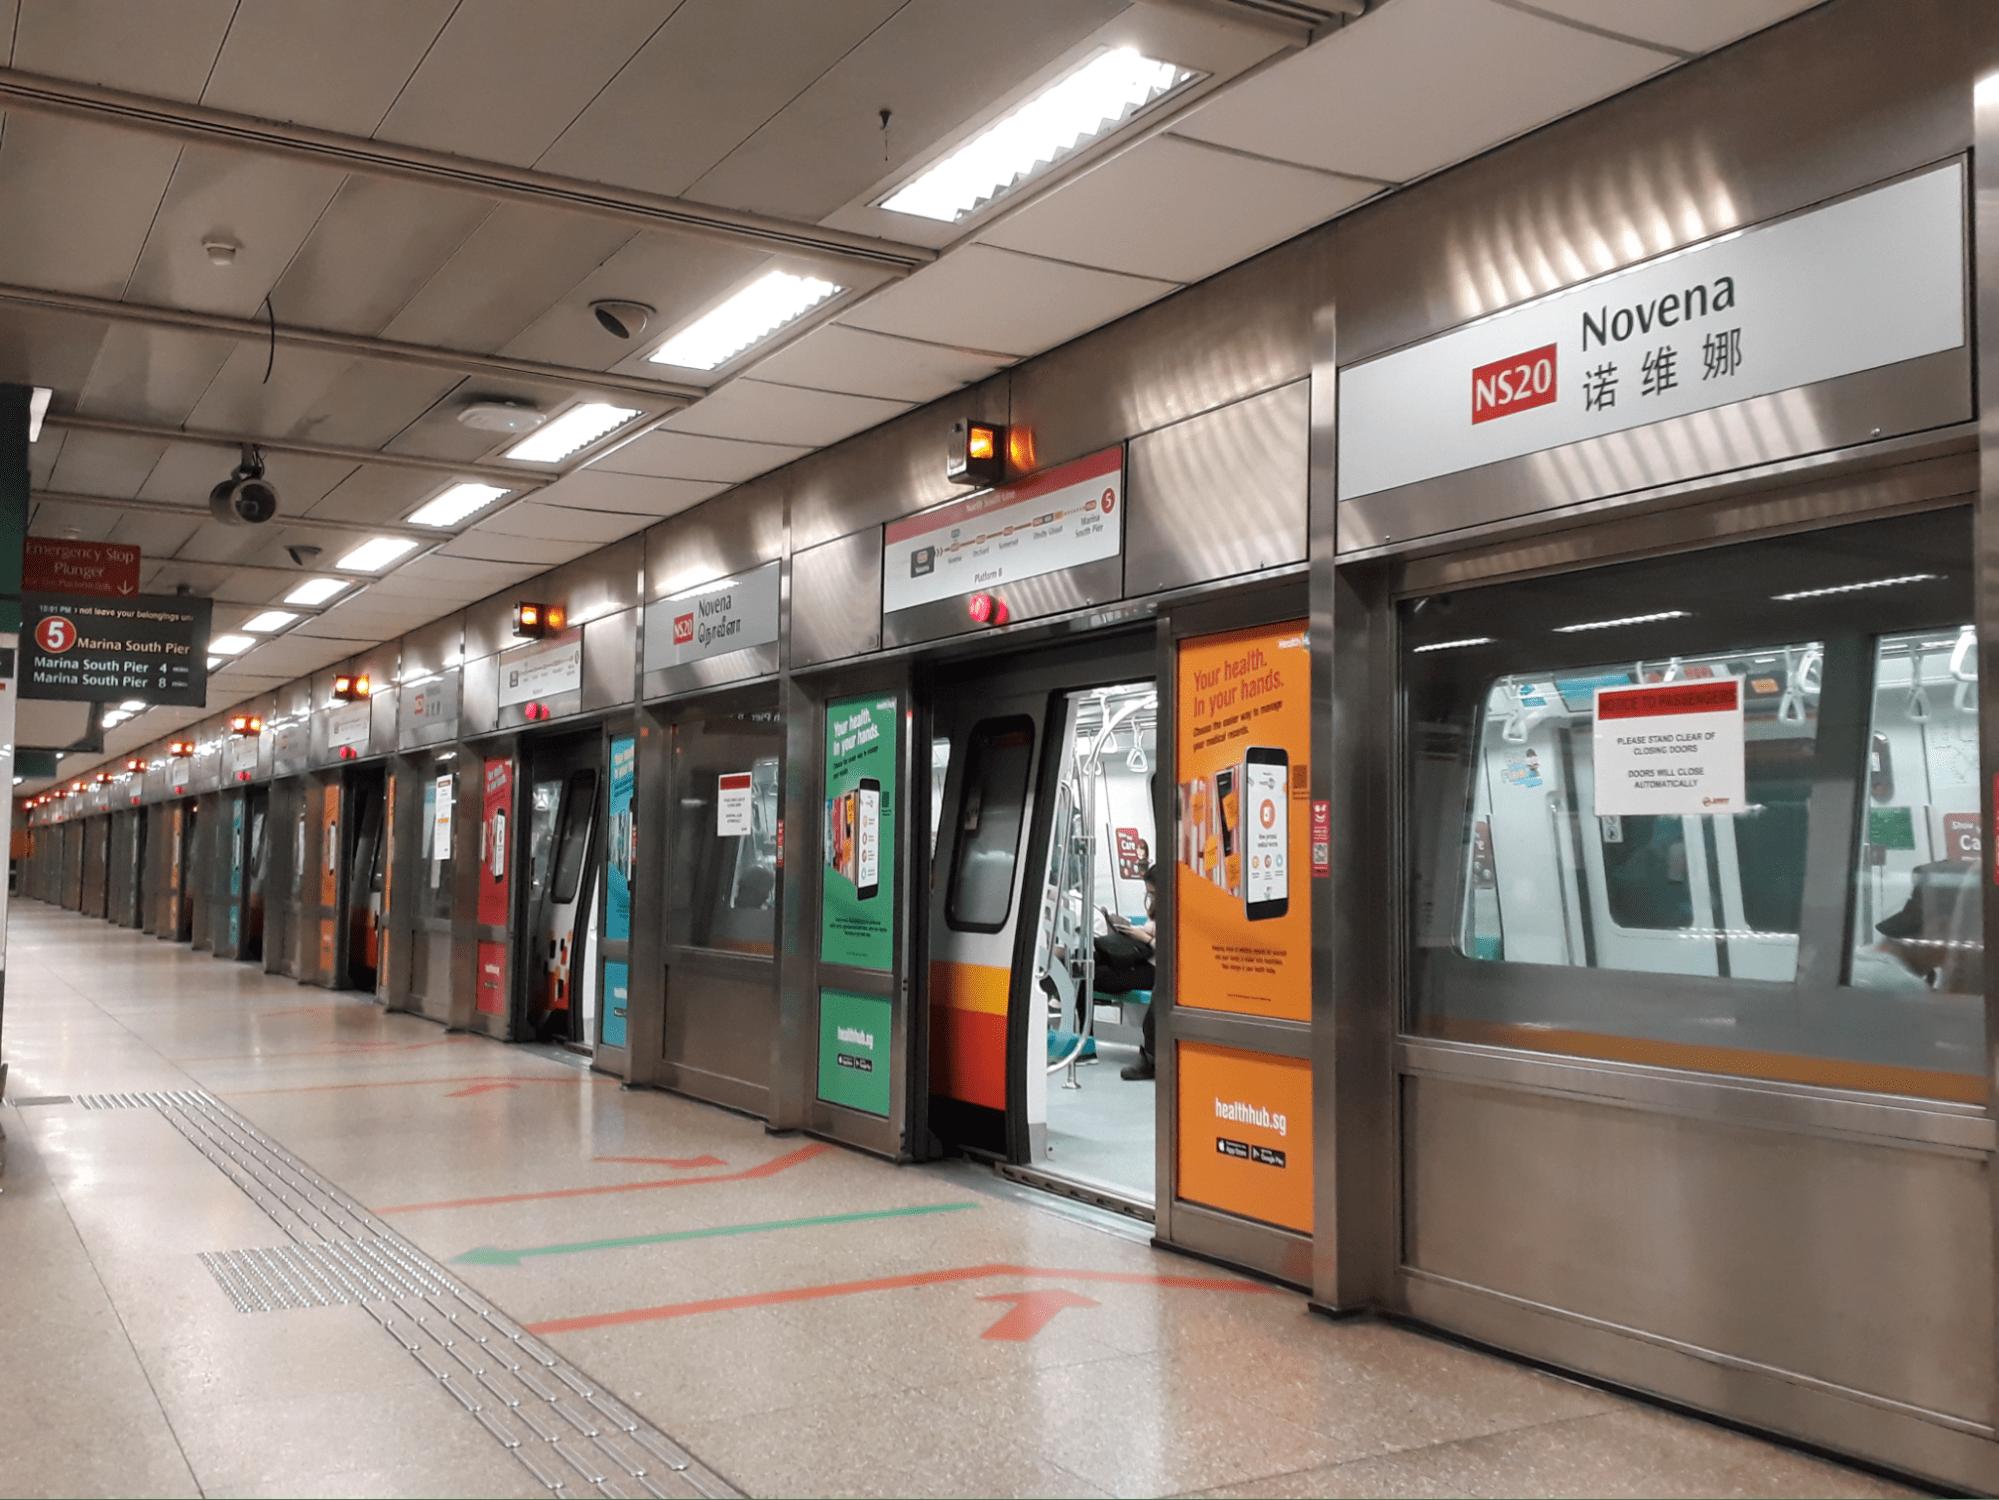 novena mrt station